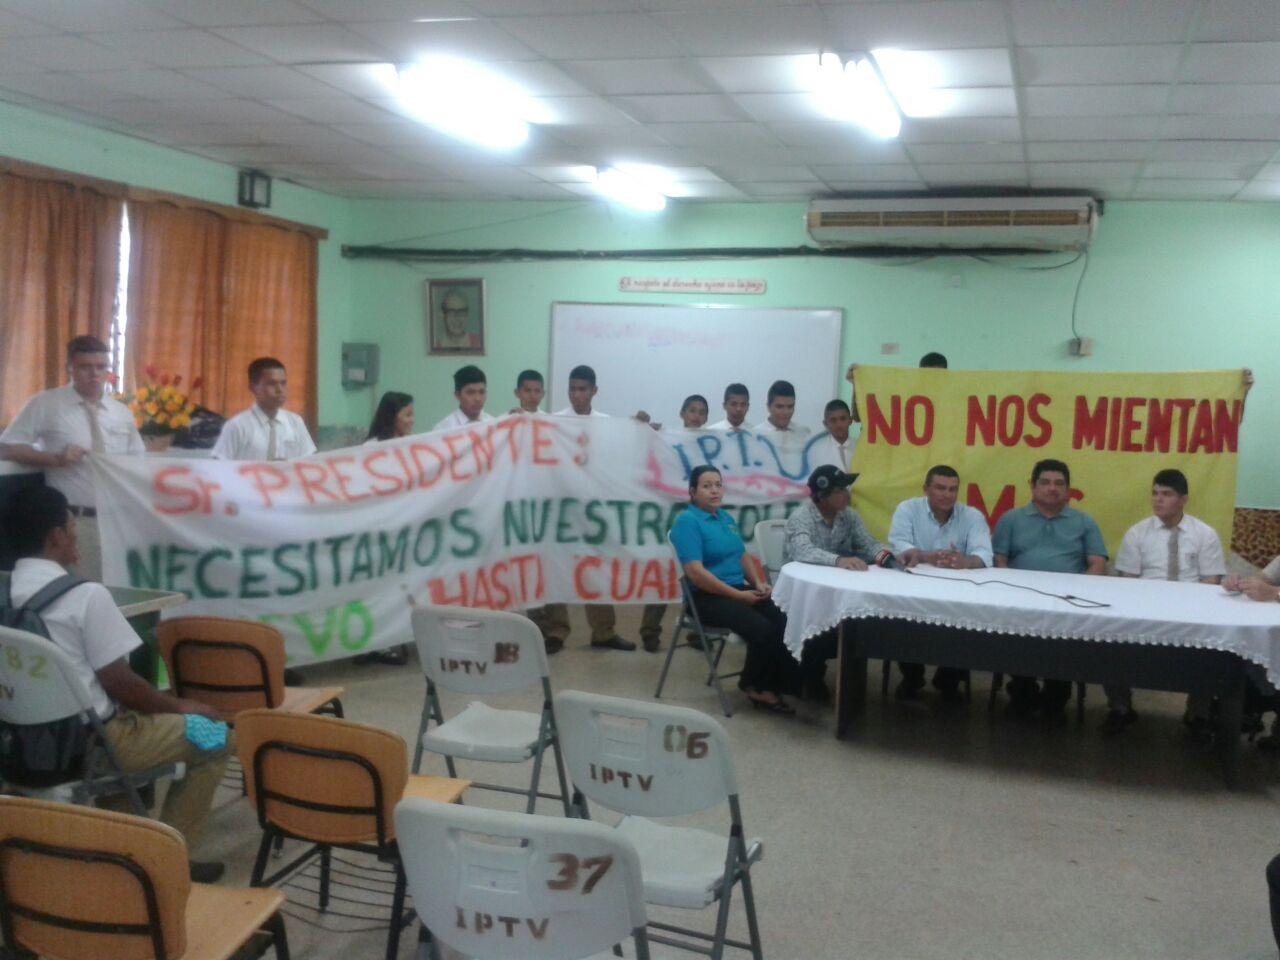 IPT de Veraguas reanuda clases después 35 días de paro | Critica